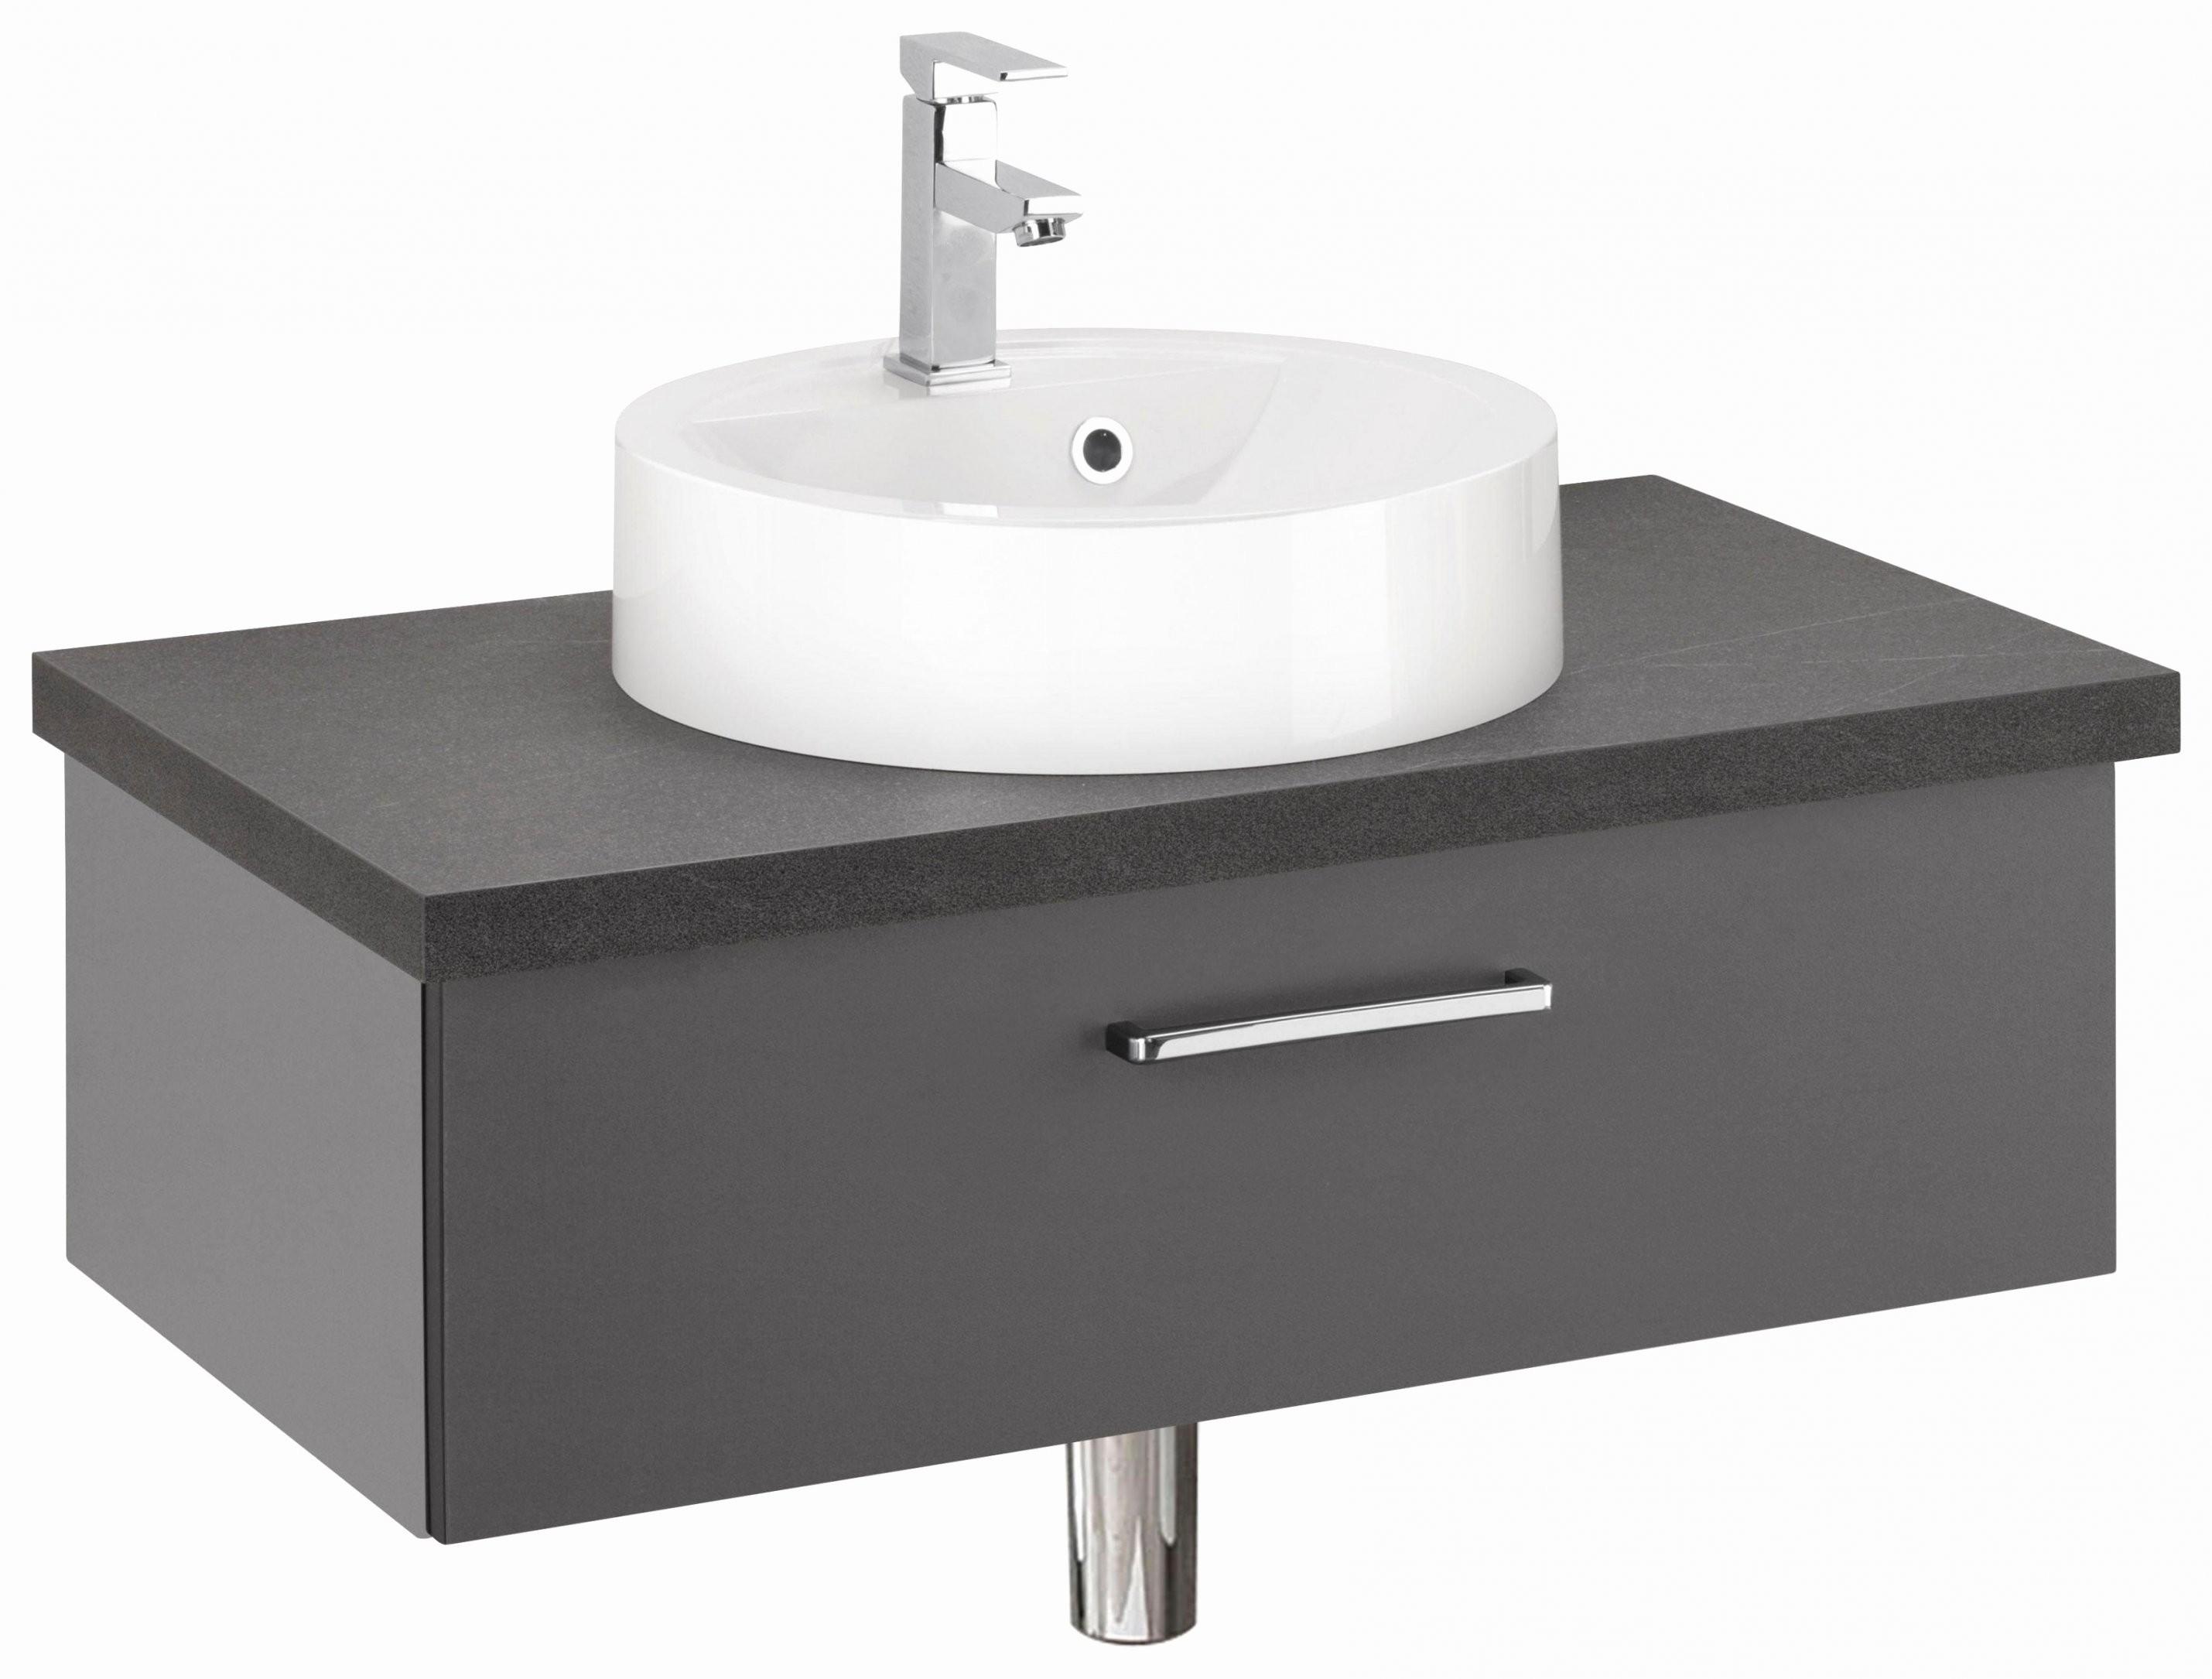 Kleines Waschbecken Ohne Hahnloch Gewählt Waschbecken Chromstahl 15 von Kleines Waschbecken Ohne Hahnloch Bild